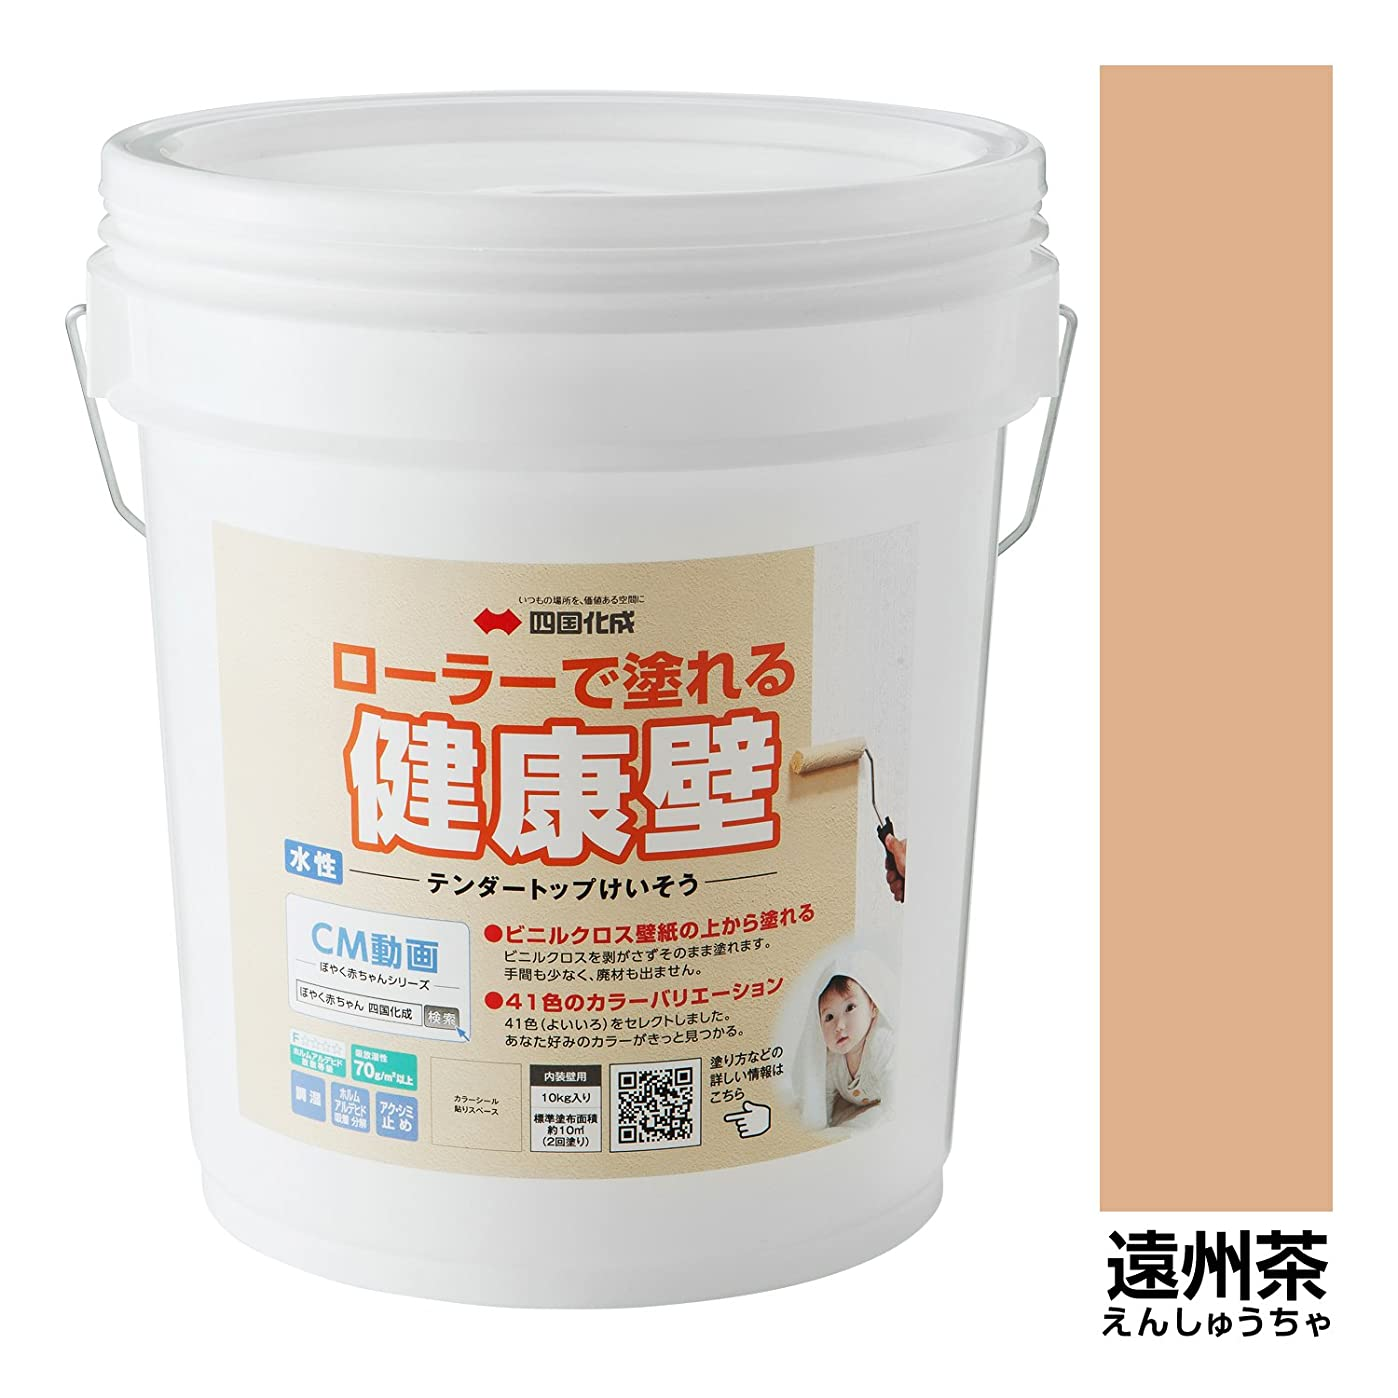 適応酔うパケットぬるもり テンダートップけいそう~ローラーで塗れるけいそう土塗り壁材 カラー41色あり~ 遠州茶[250-3]